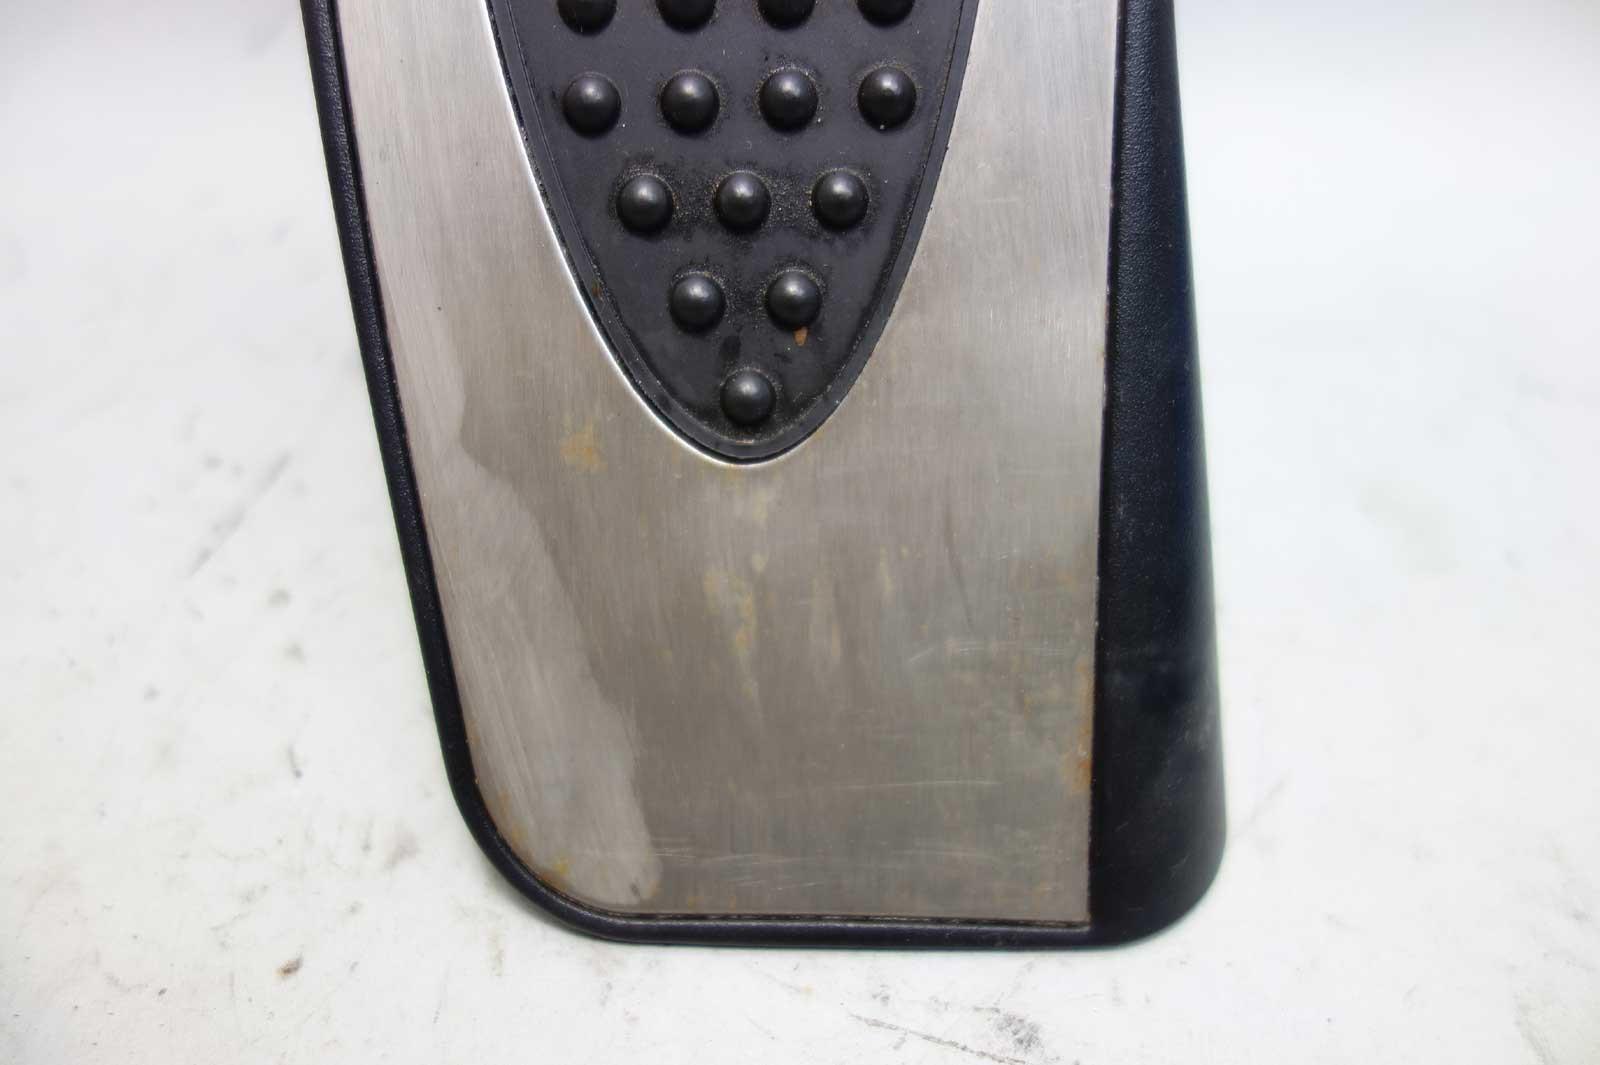 2006-2013 BMW E90 3-Series 1-Series ///M Dead Pedal Foot Rest Black  Aluminum - 24240